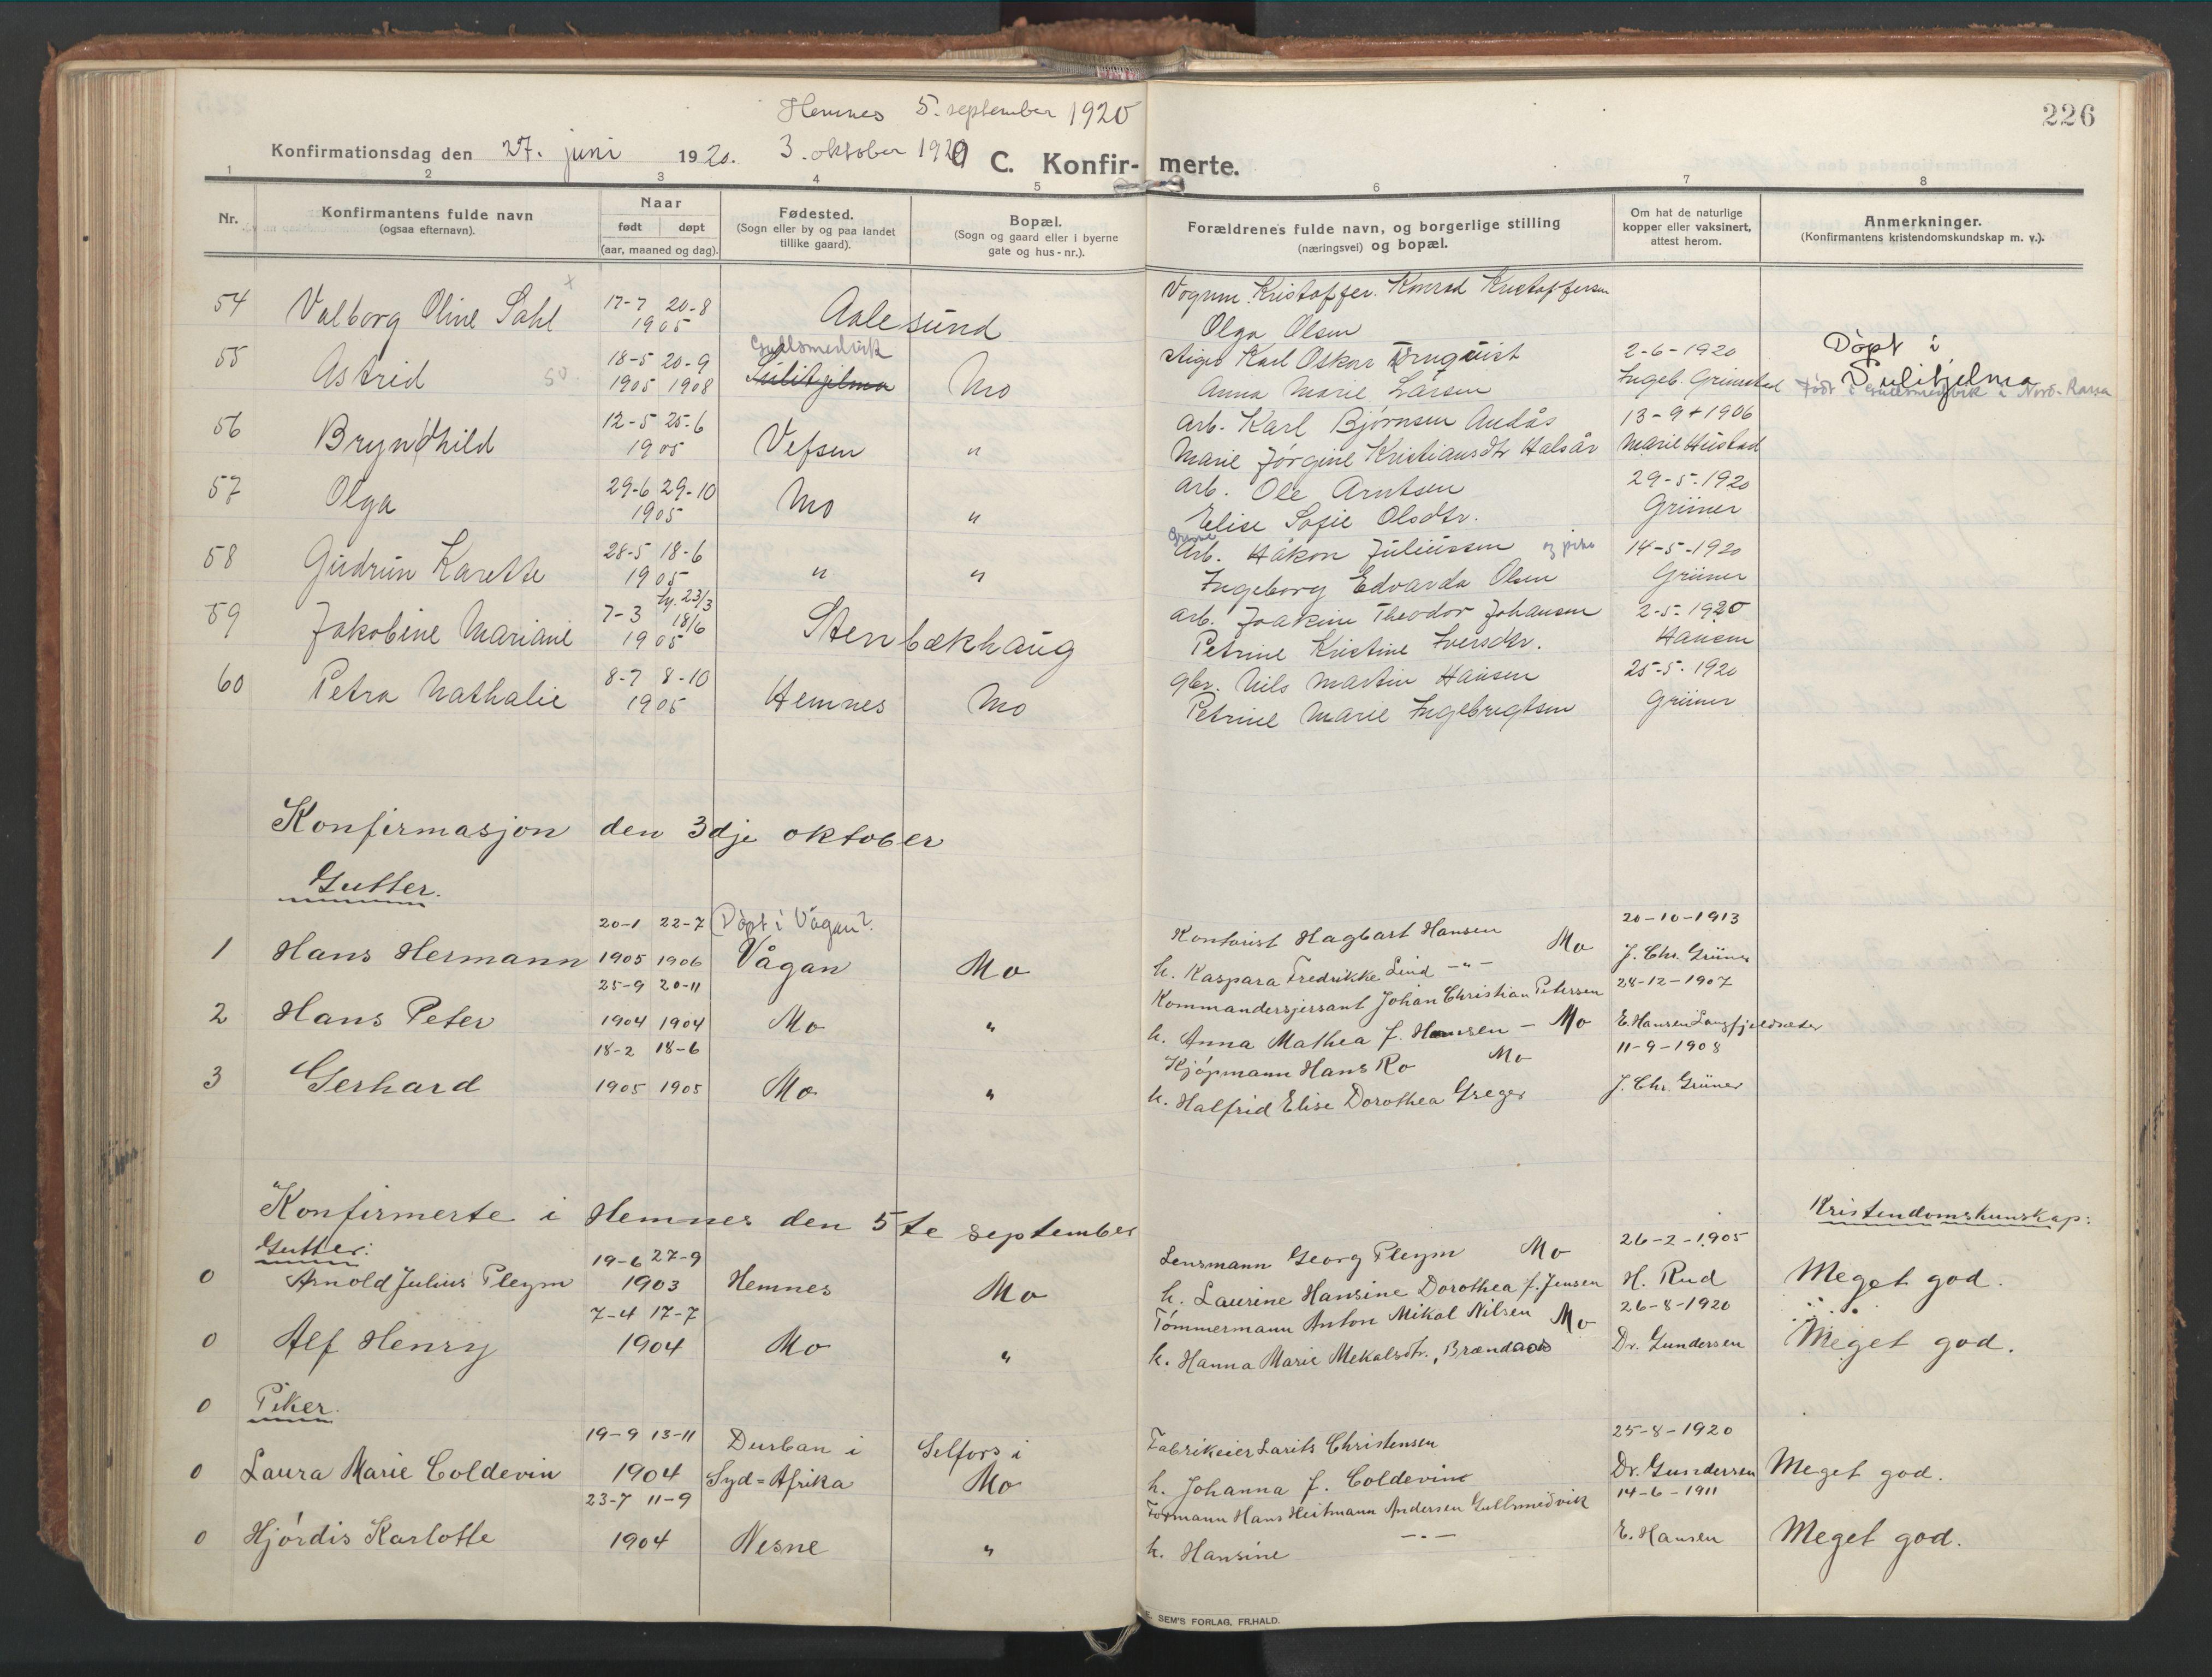 SAT, Ministerialprotokoller, klokkerbøker og fødselsregistre - Nordland, 827/L0404: Parish register (official) no. 827A16, 1912-1925, p. 226